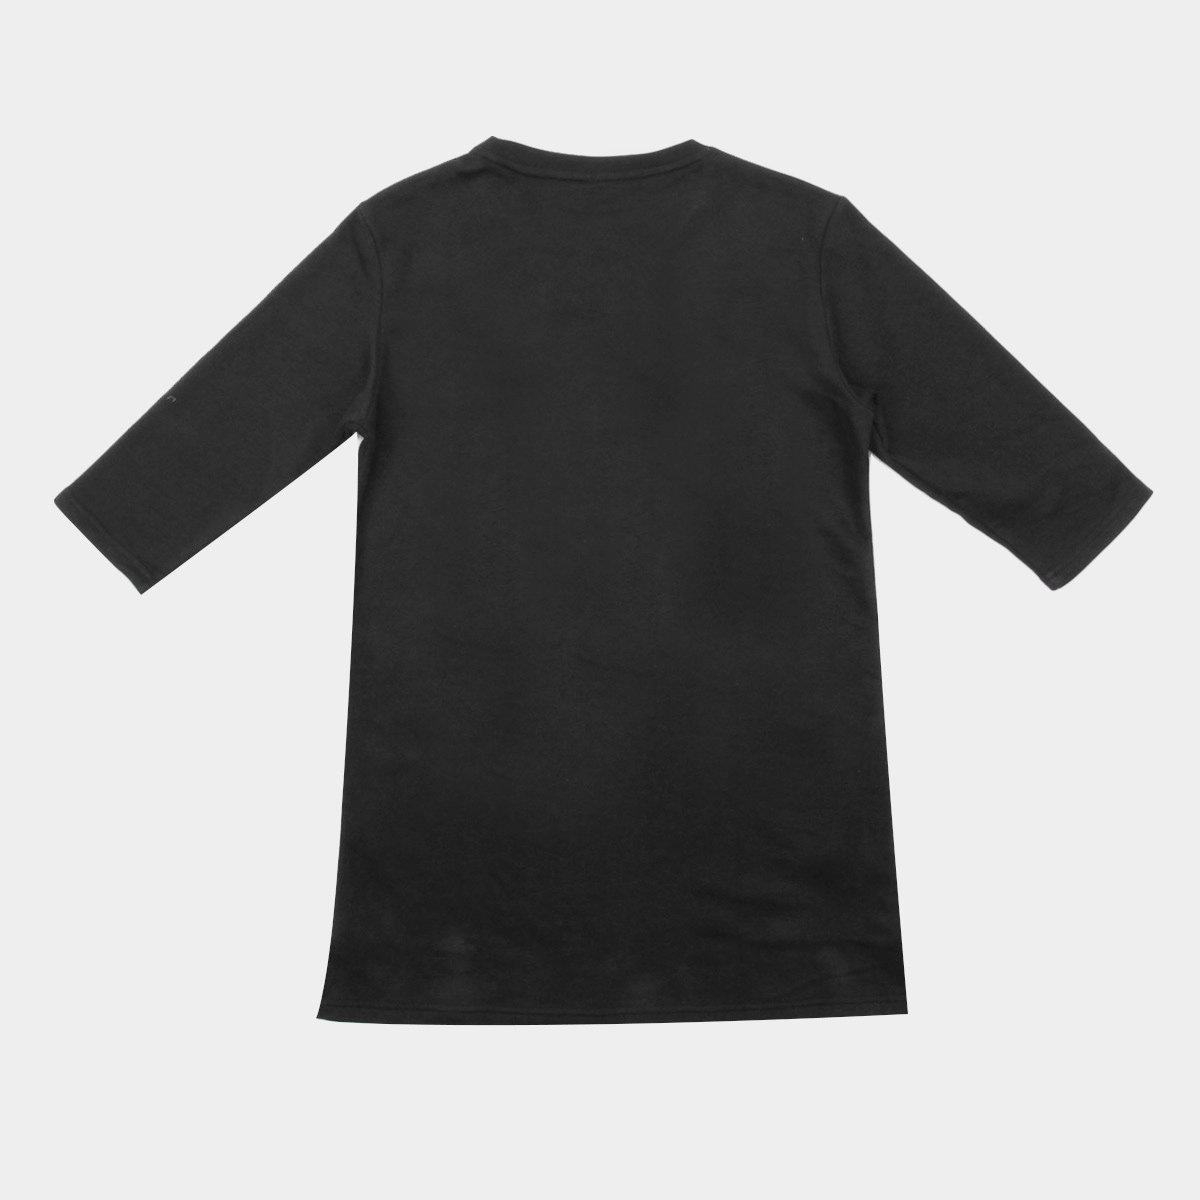 Vestido Puma Athletic Curto Sweat Dress - Compre Agora  e54cf13e462